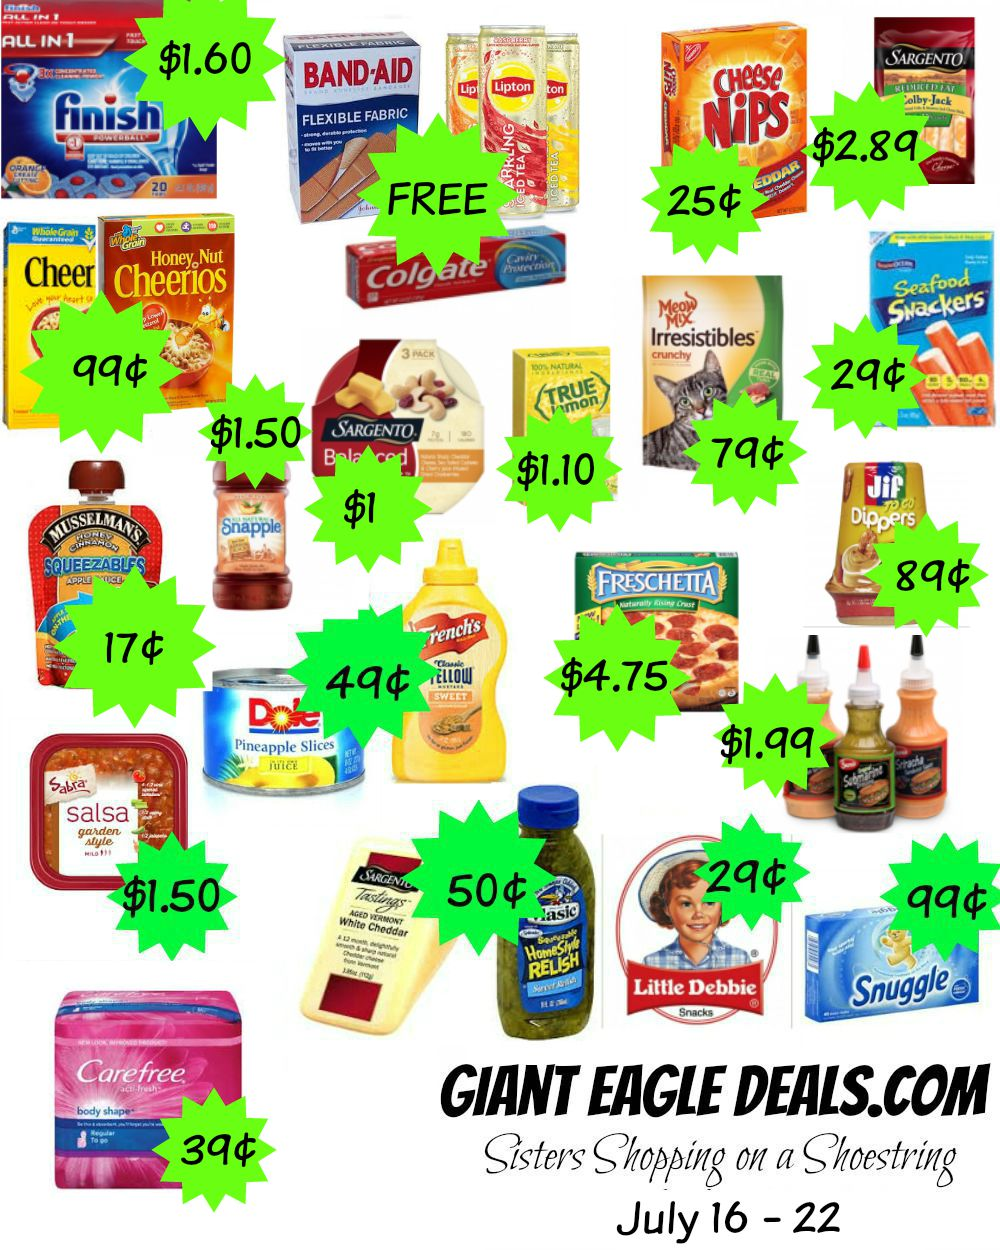 Giant Eagle kuponger, kupong tilbud og tilbud av dagen